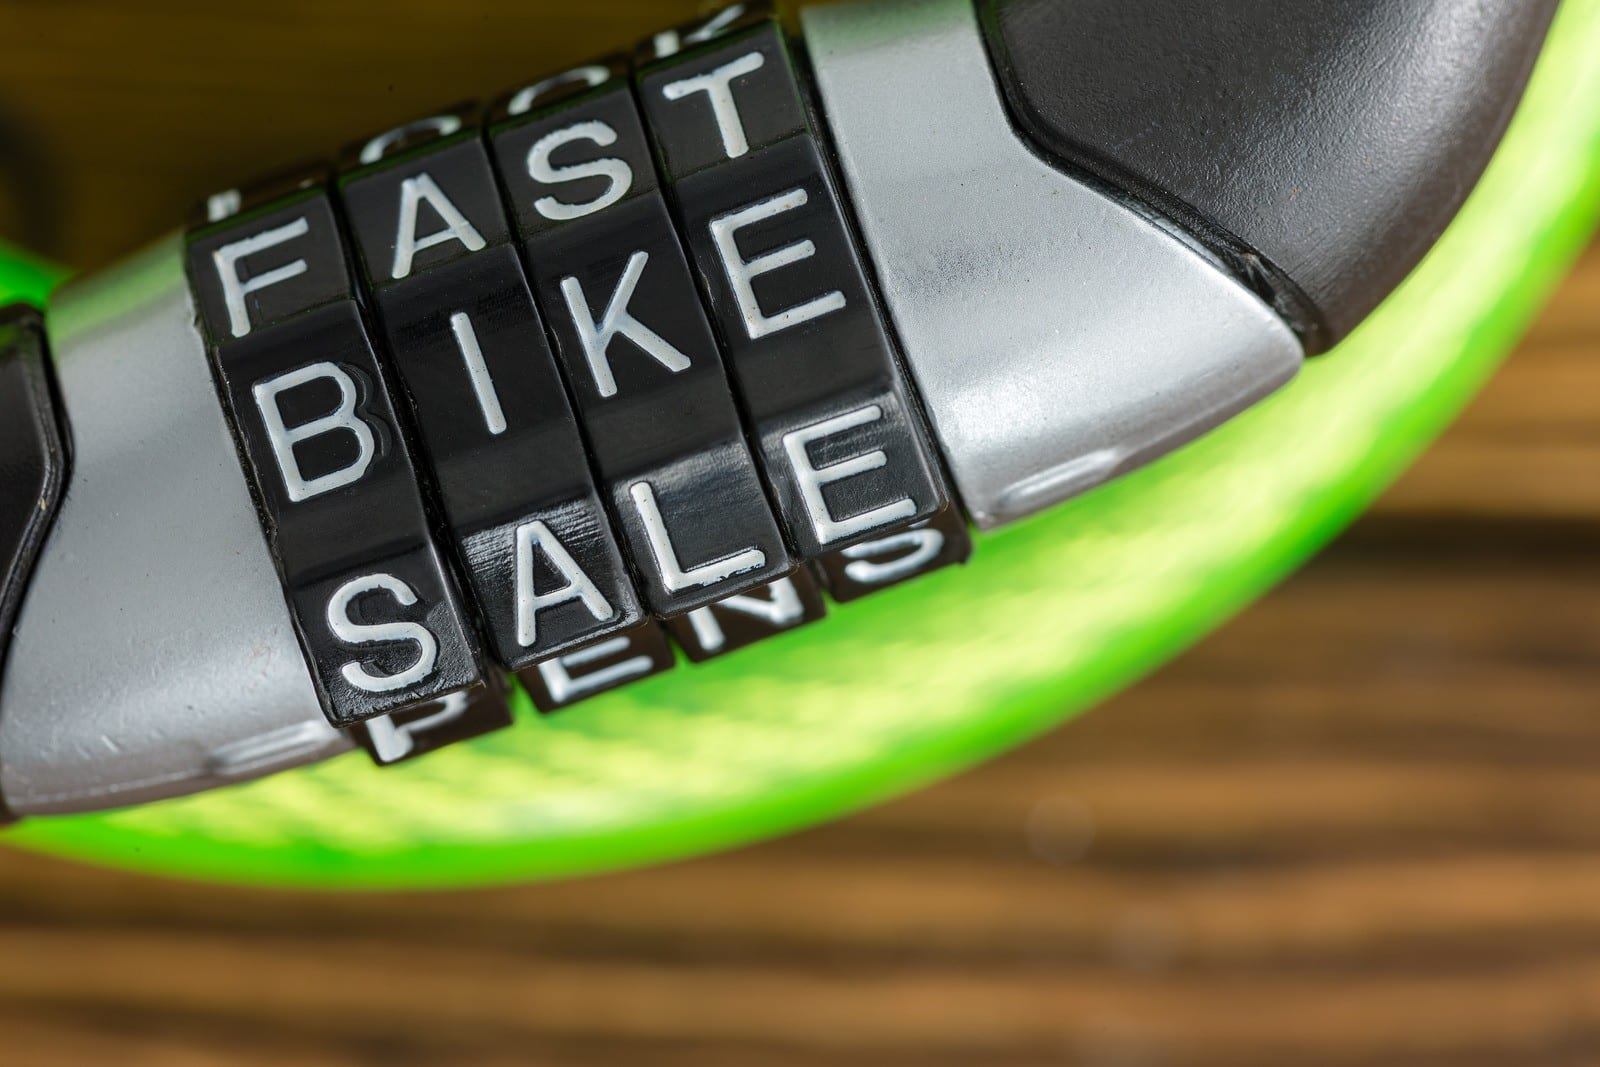 Bike Rental Gear Sale